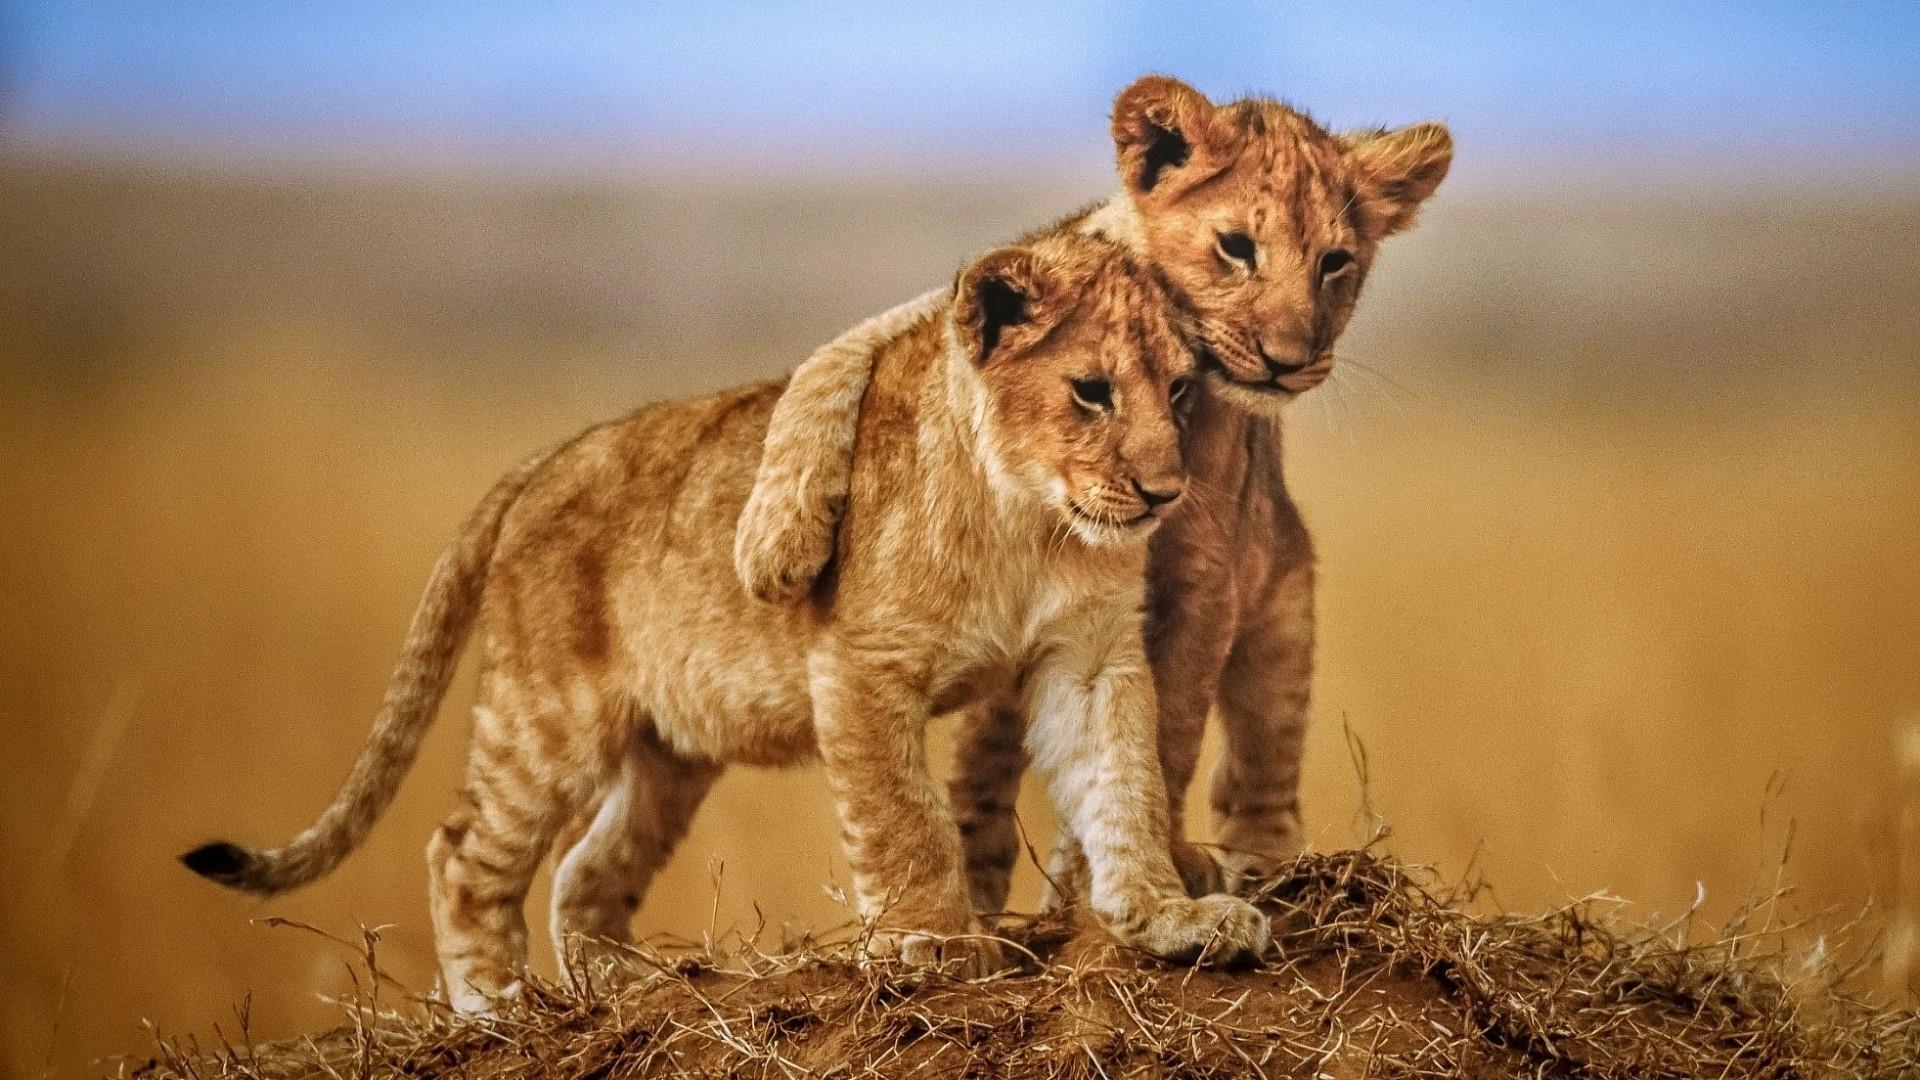 Cute Lion Cubs Wallpaper | Wallpaper Studio 10 | Tens of thousands ...